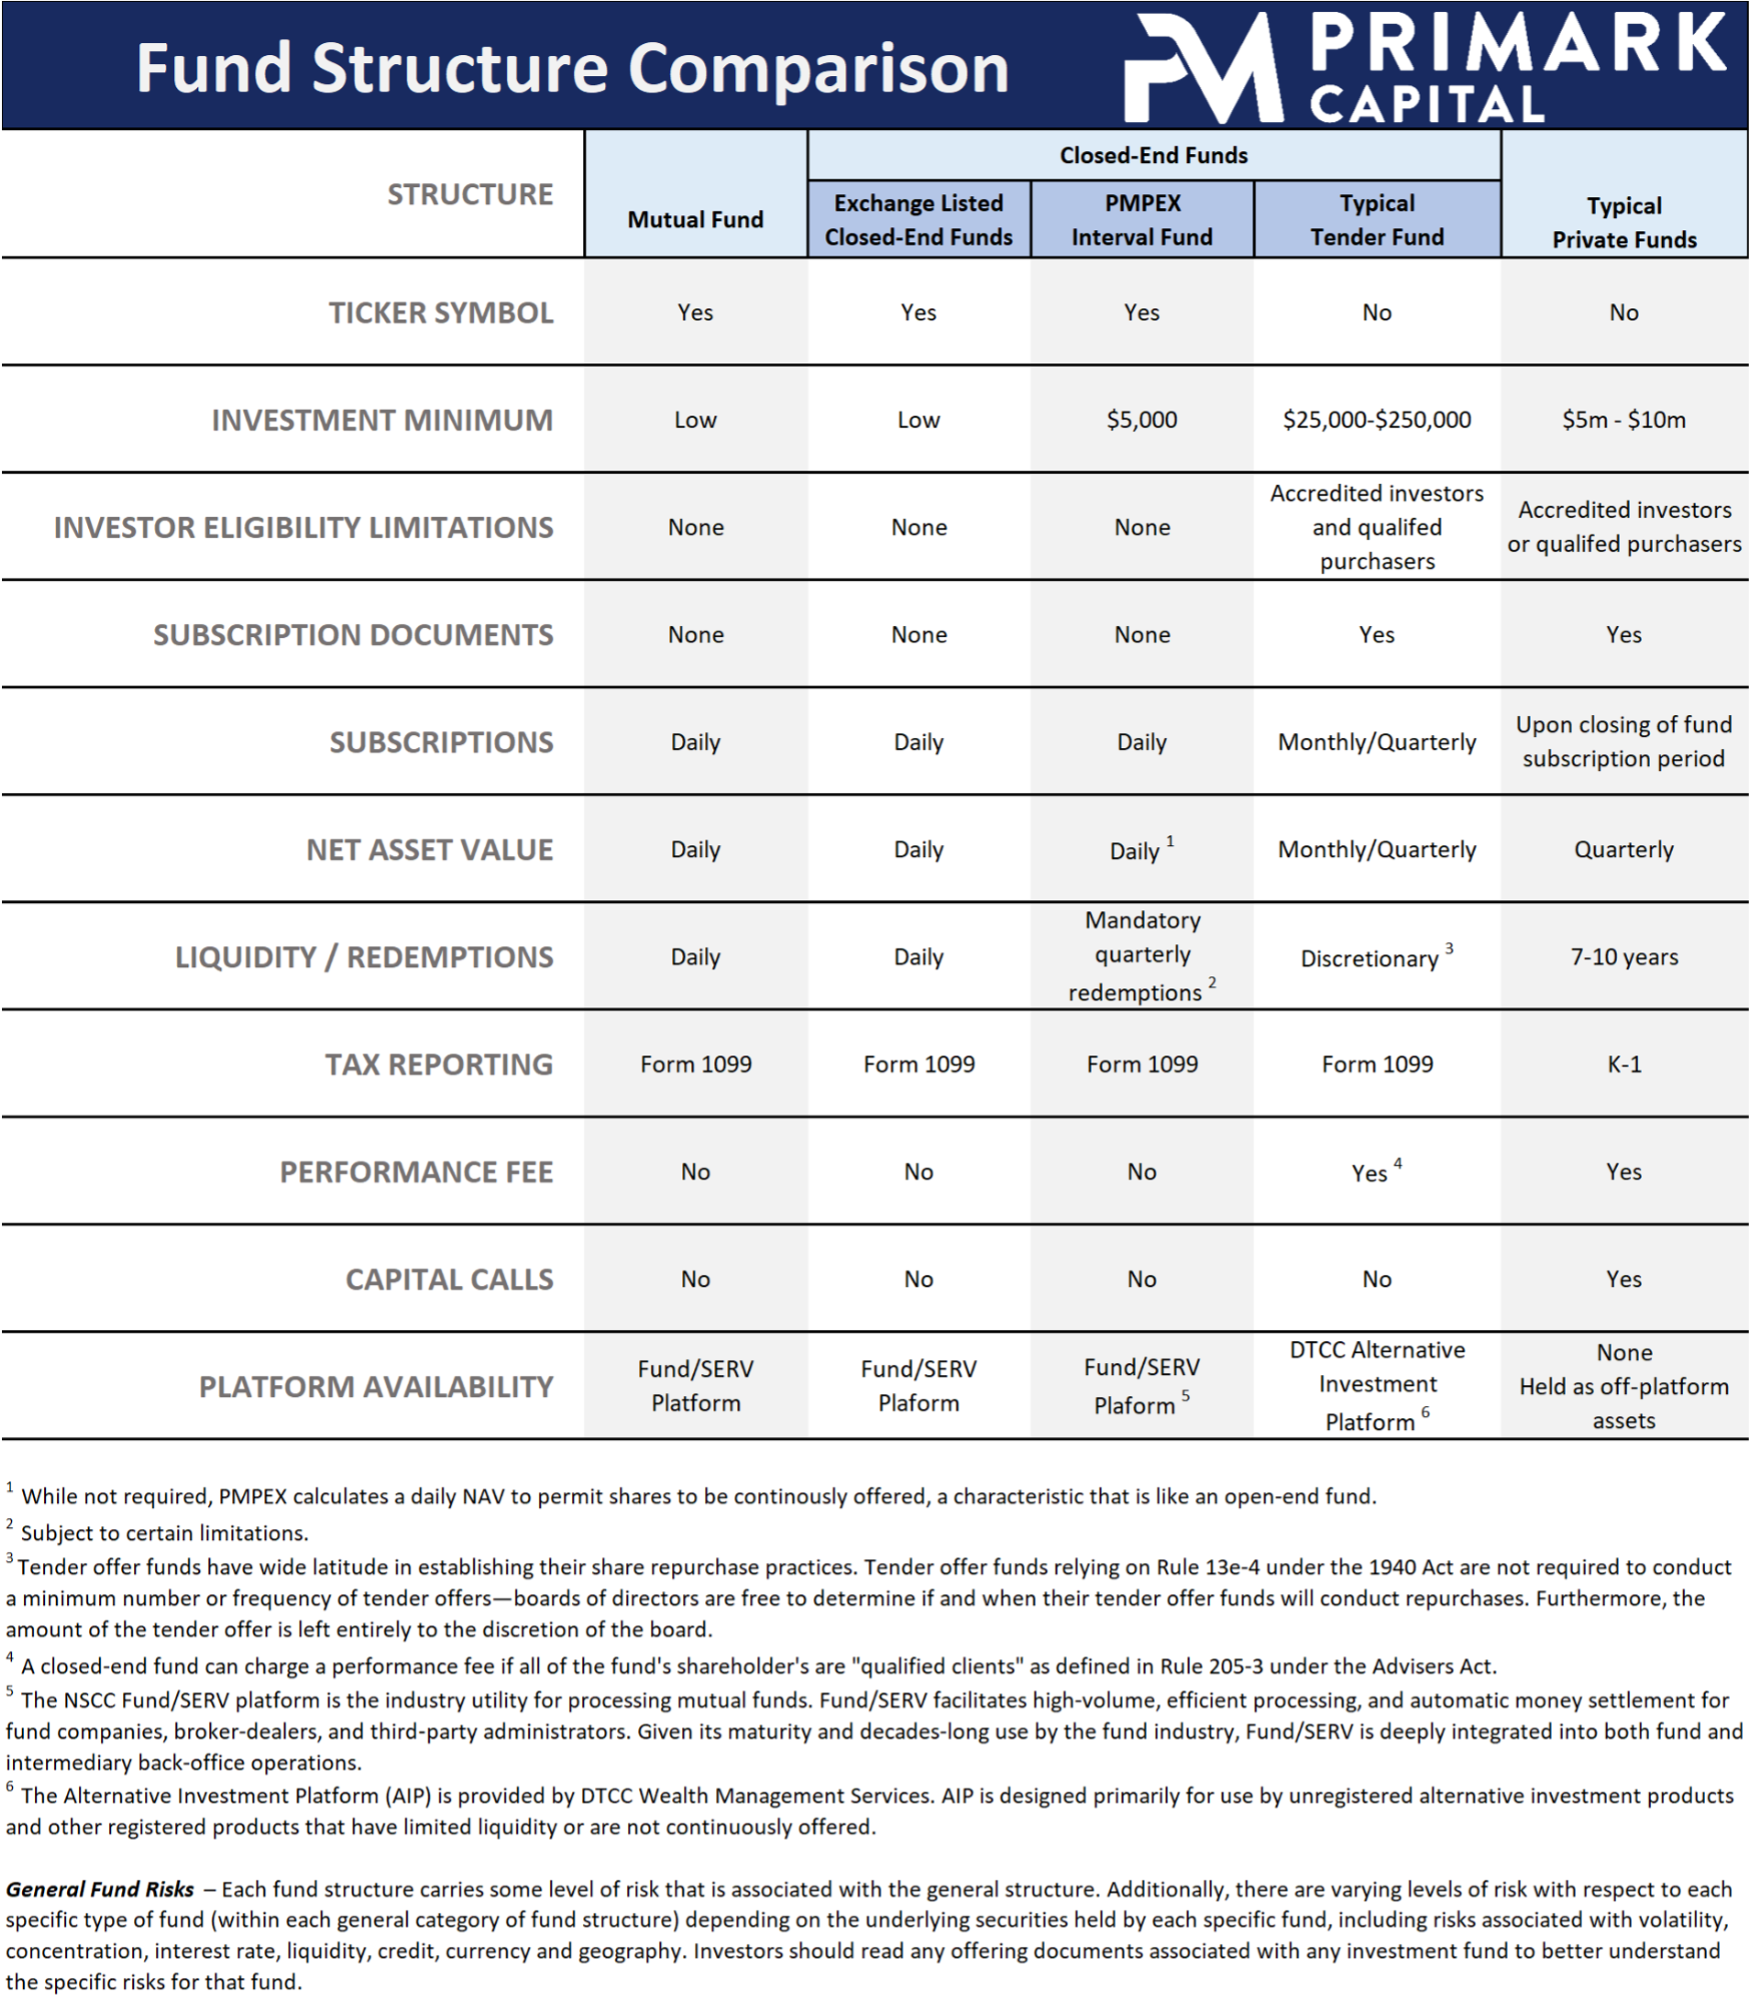 Fund Structure Comparison